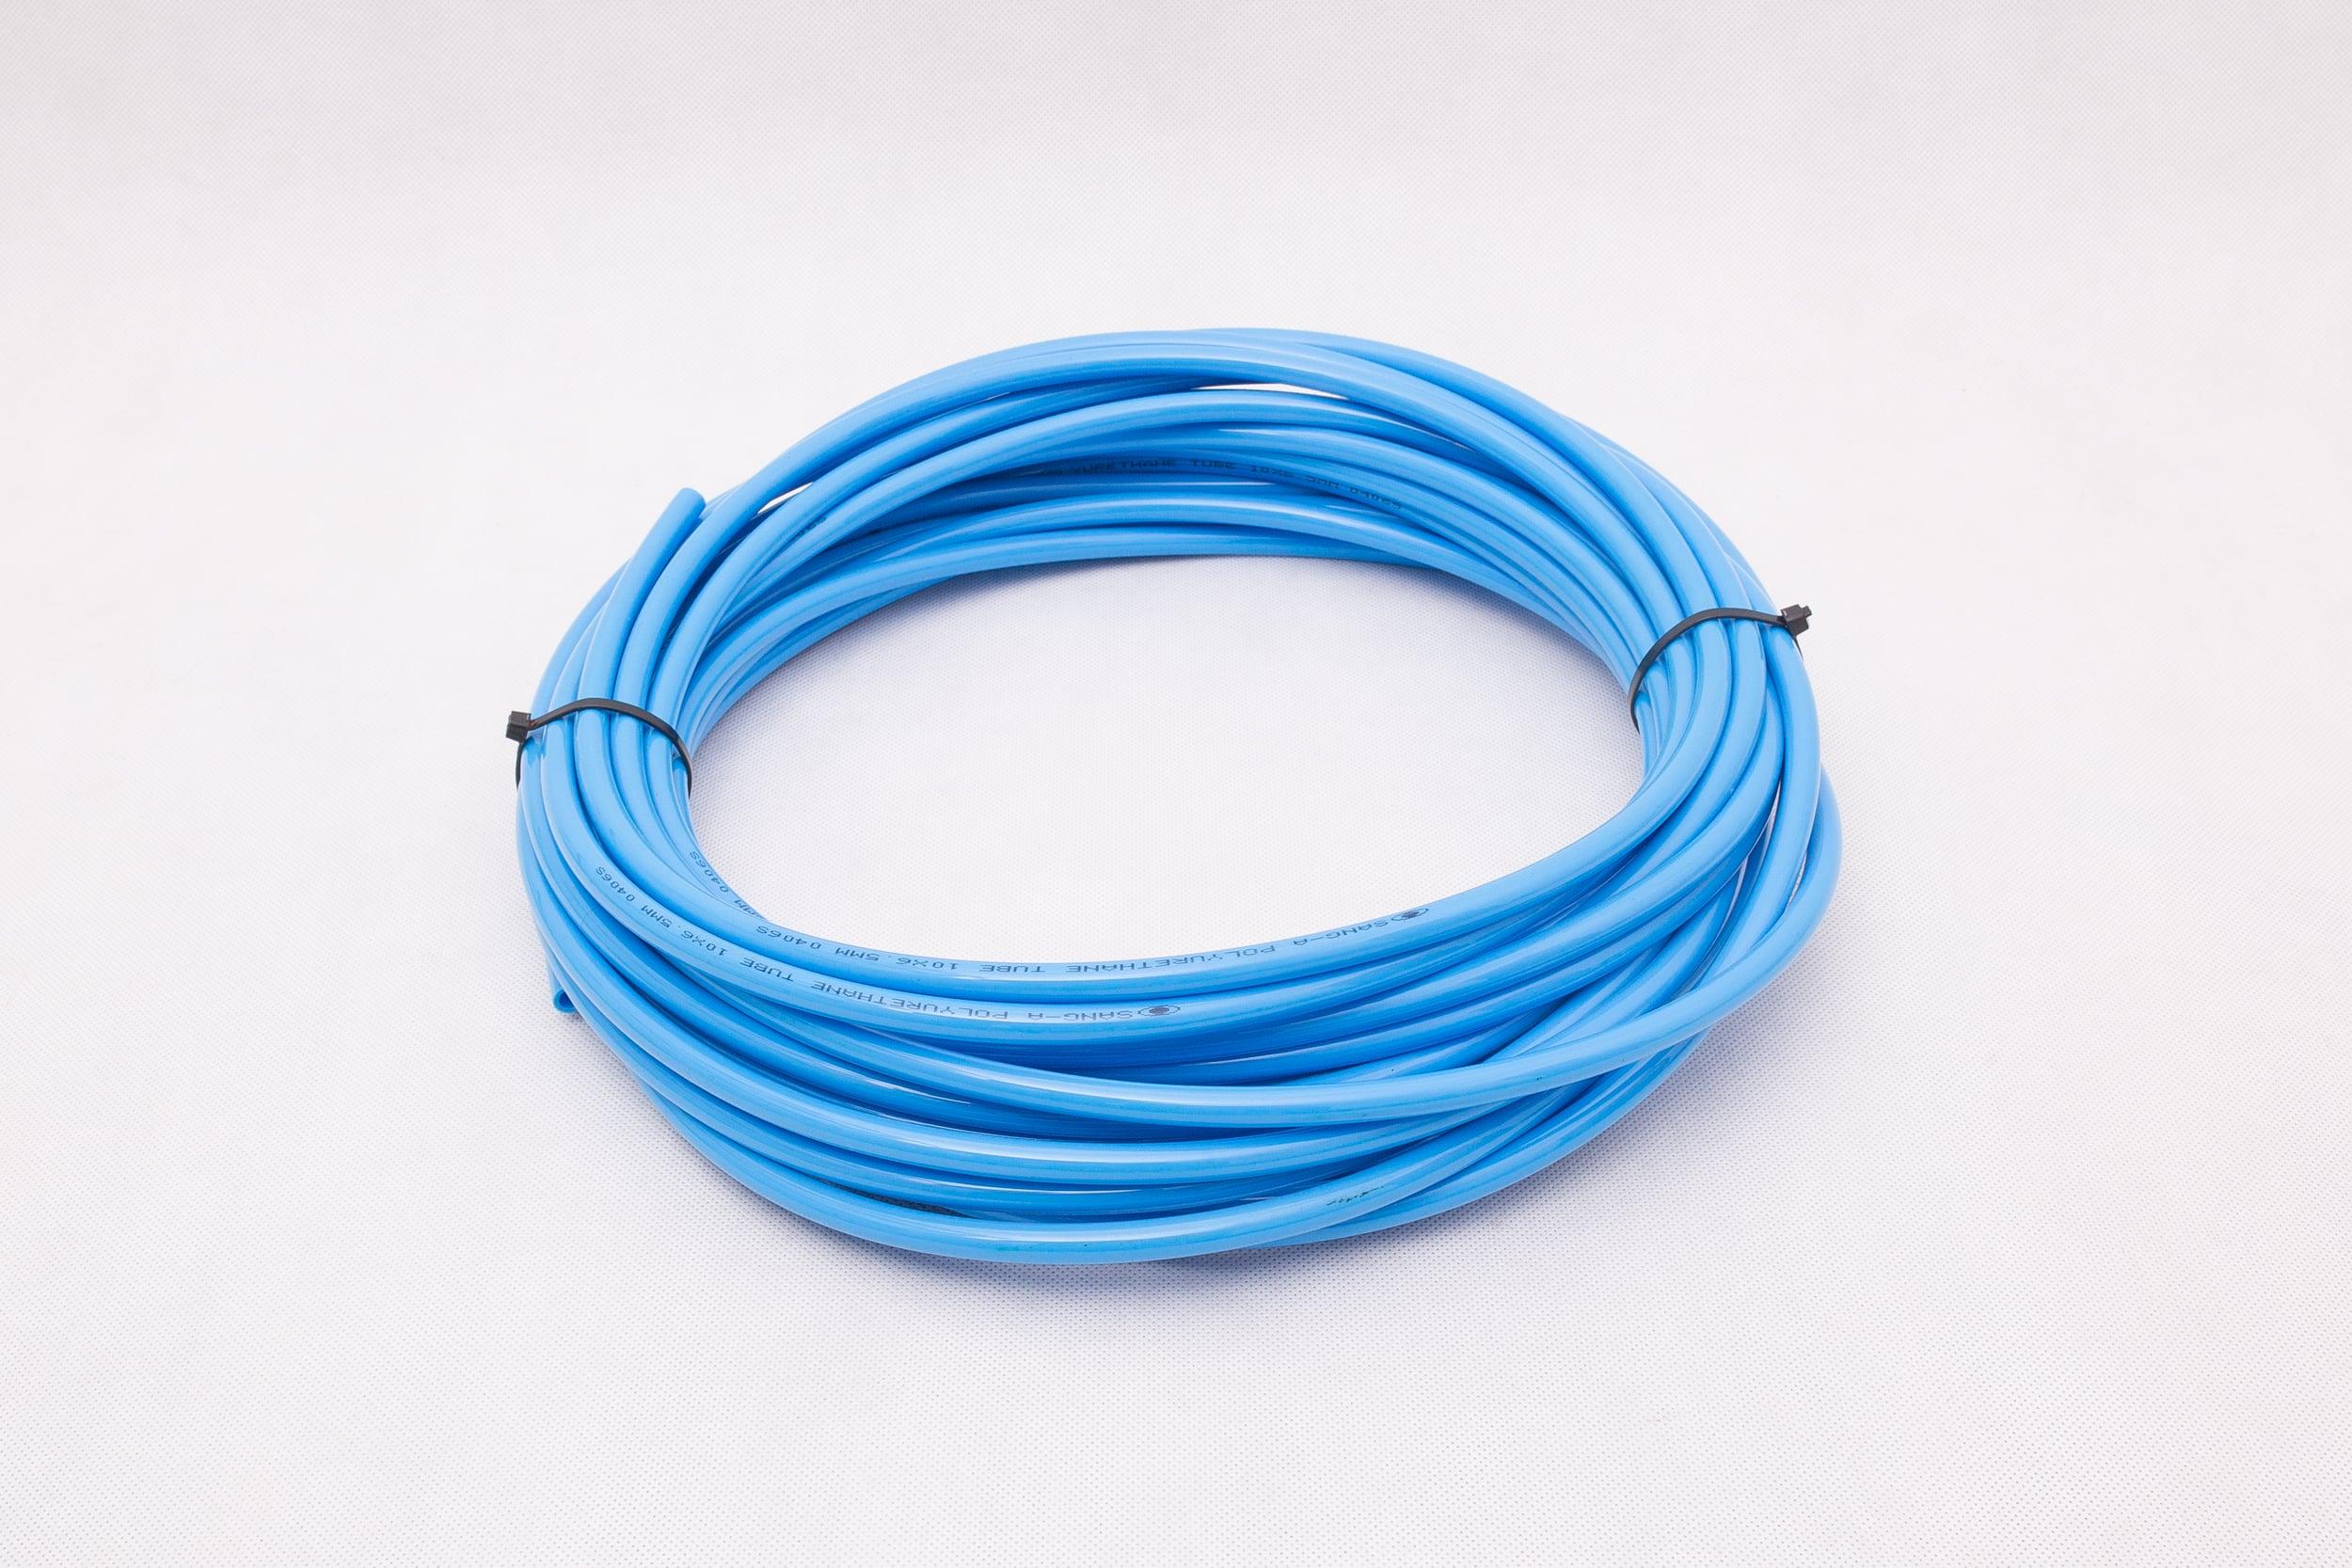 Przewód pneumatyczny fi-6 niebieski